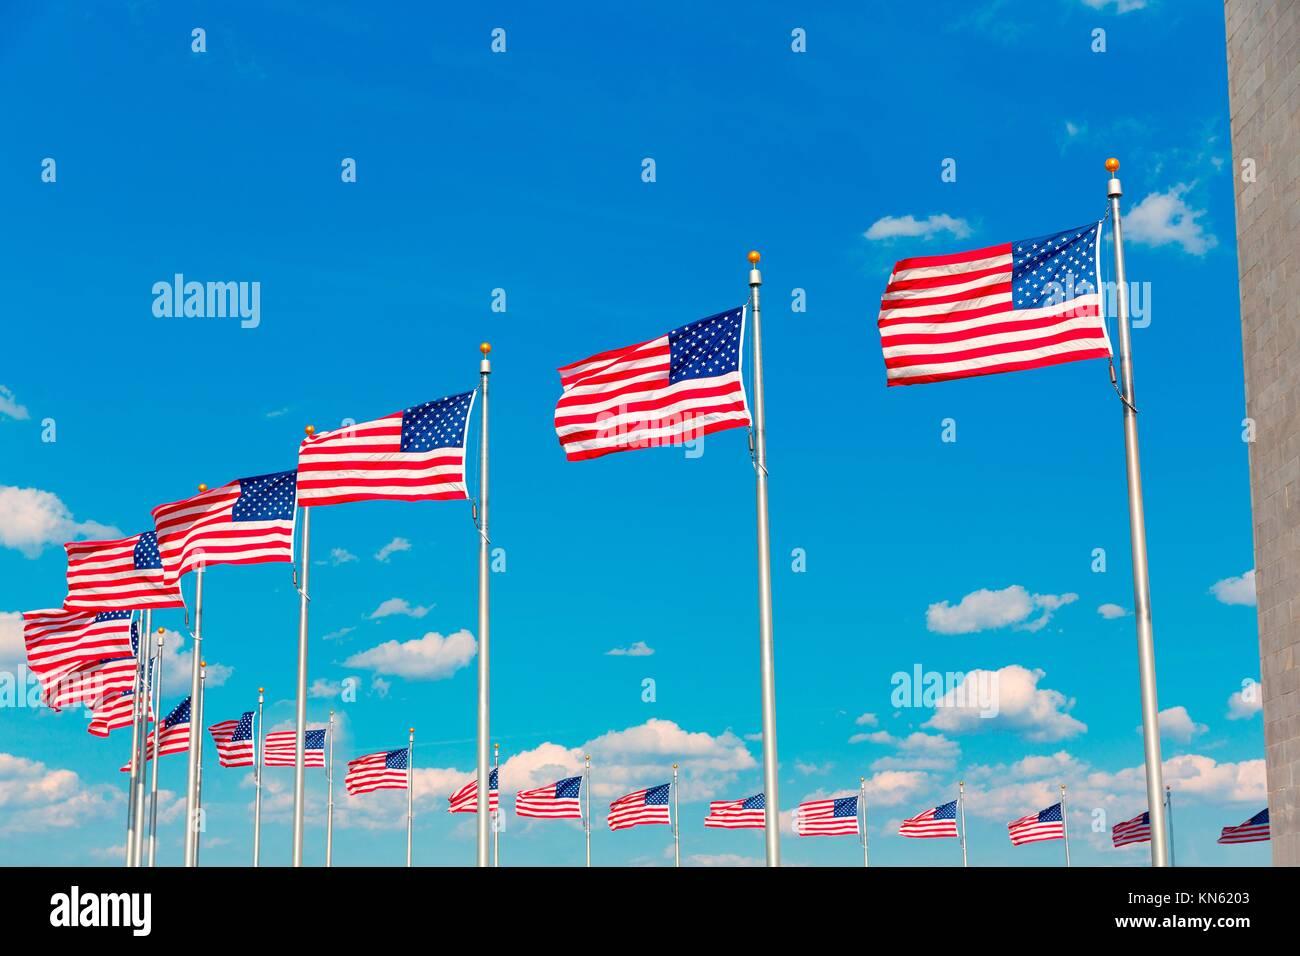 Nett Washington Flagge Färbung Seite Fotos - Malvorlagen Von Tieren ...